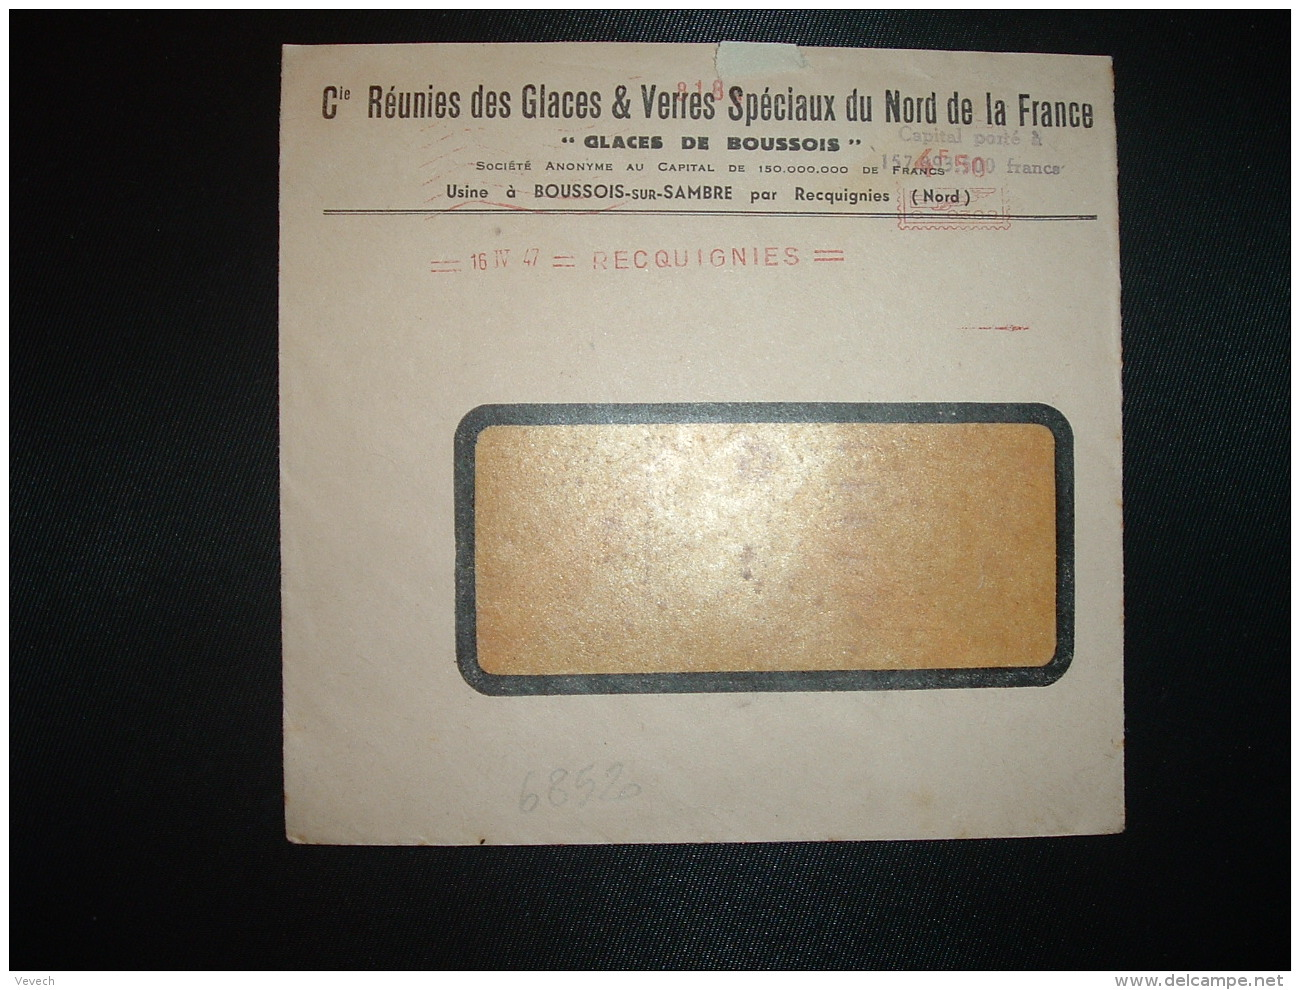 LETTRE EMA C. 0309 à 4F50 Du 16 IV 47 RECQUIGNIES (59) GLACES DE BOUSSOIS Cies Réunies Des Glaces & Verres Spéciaux  - Marcophilie (Lettres)